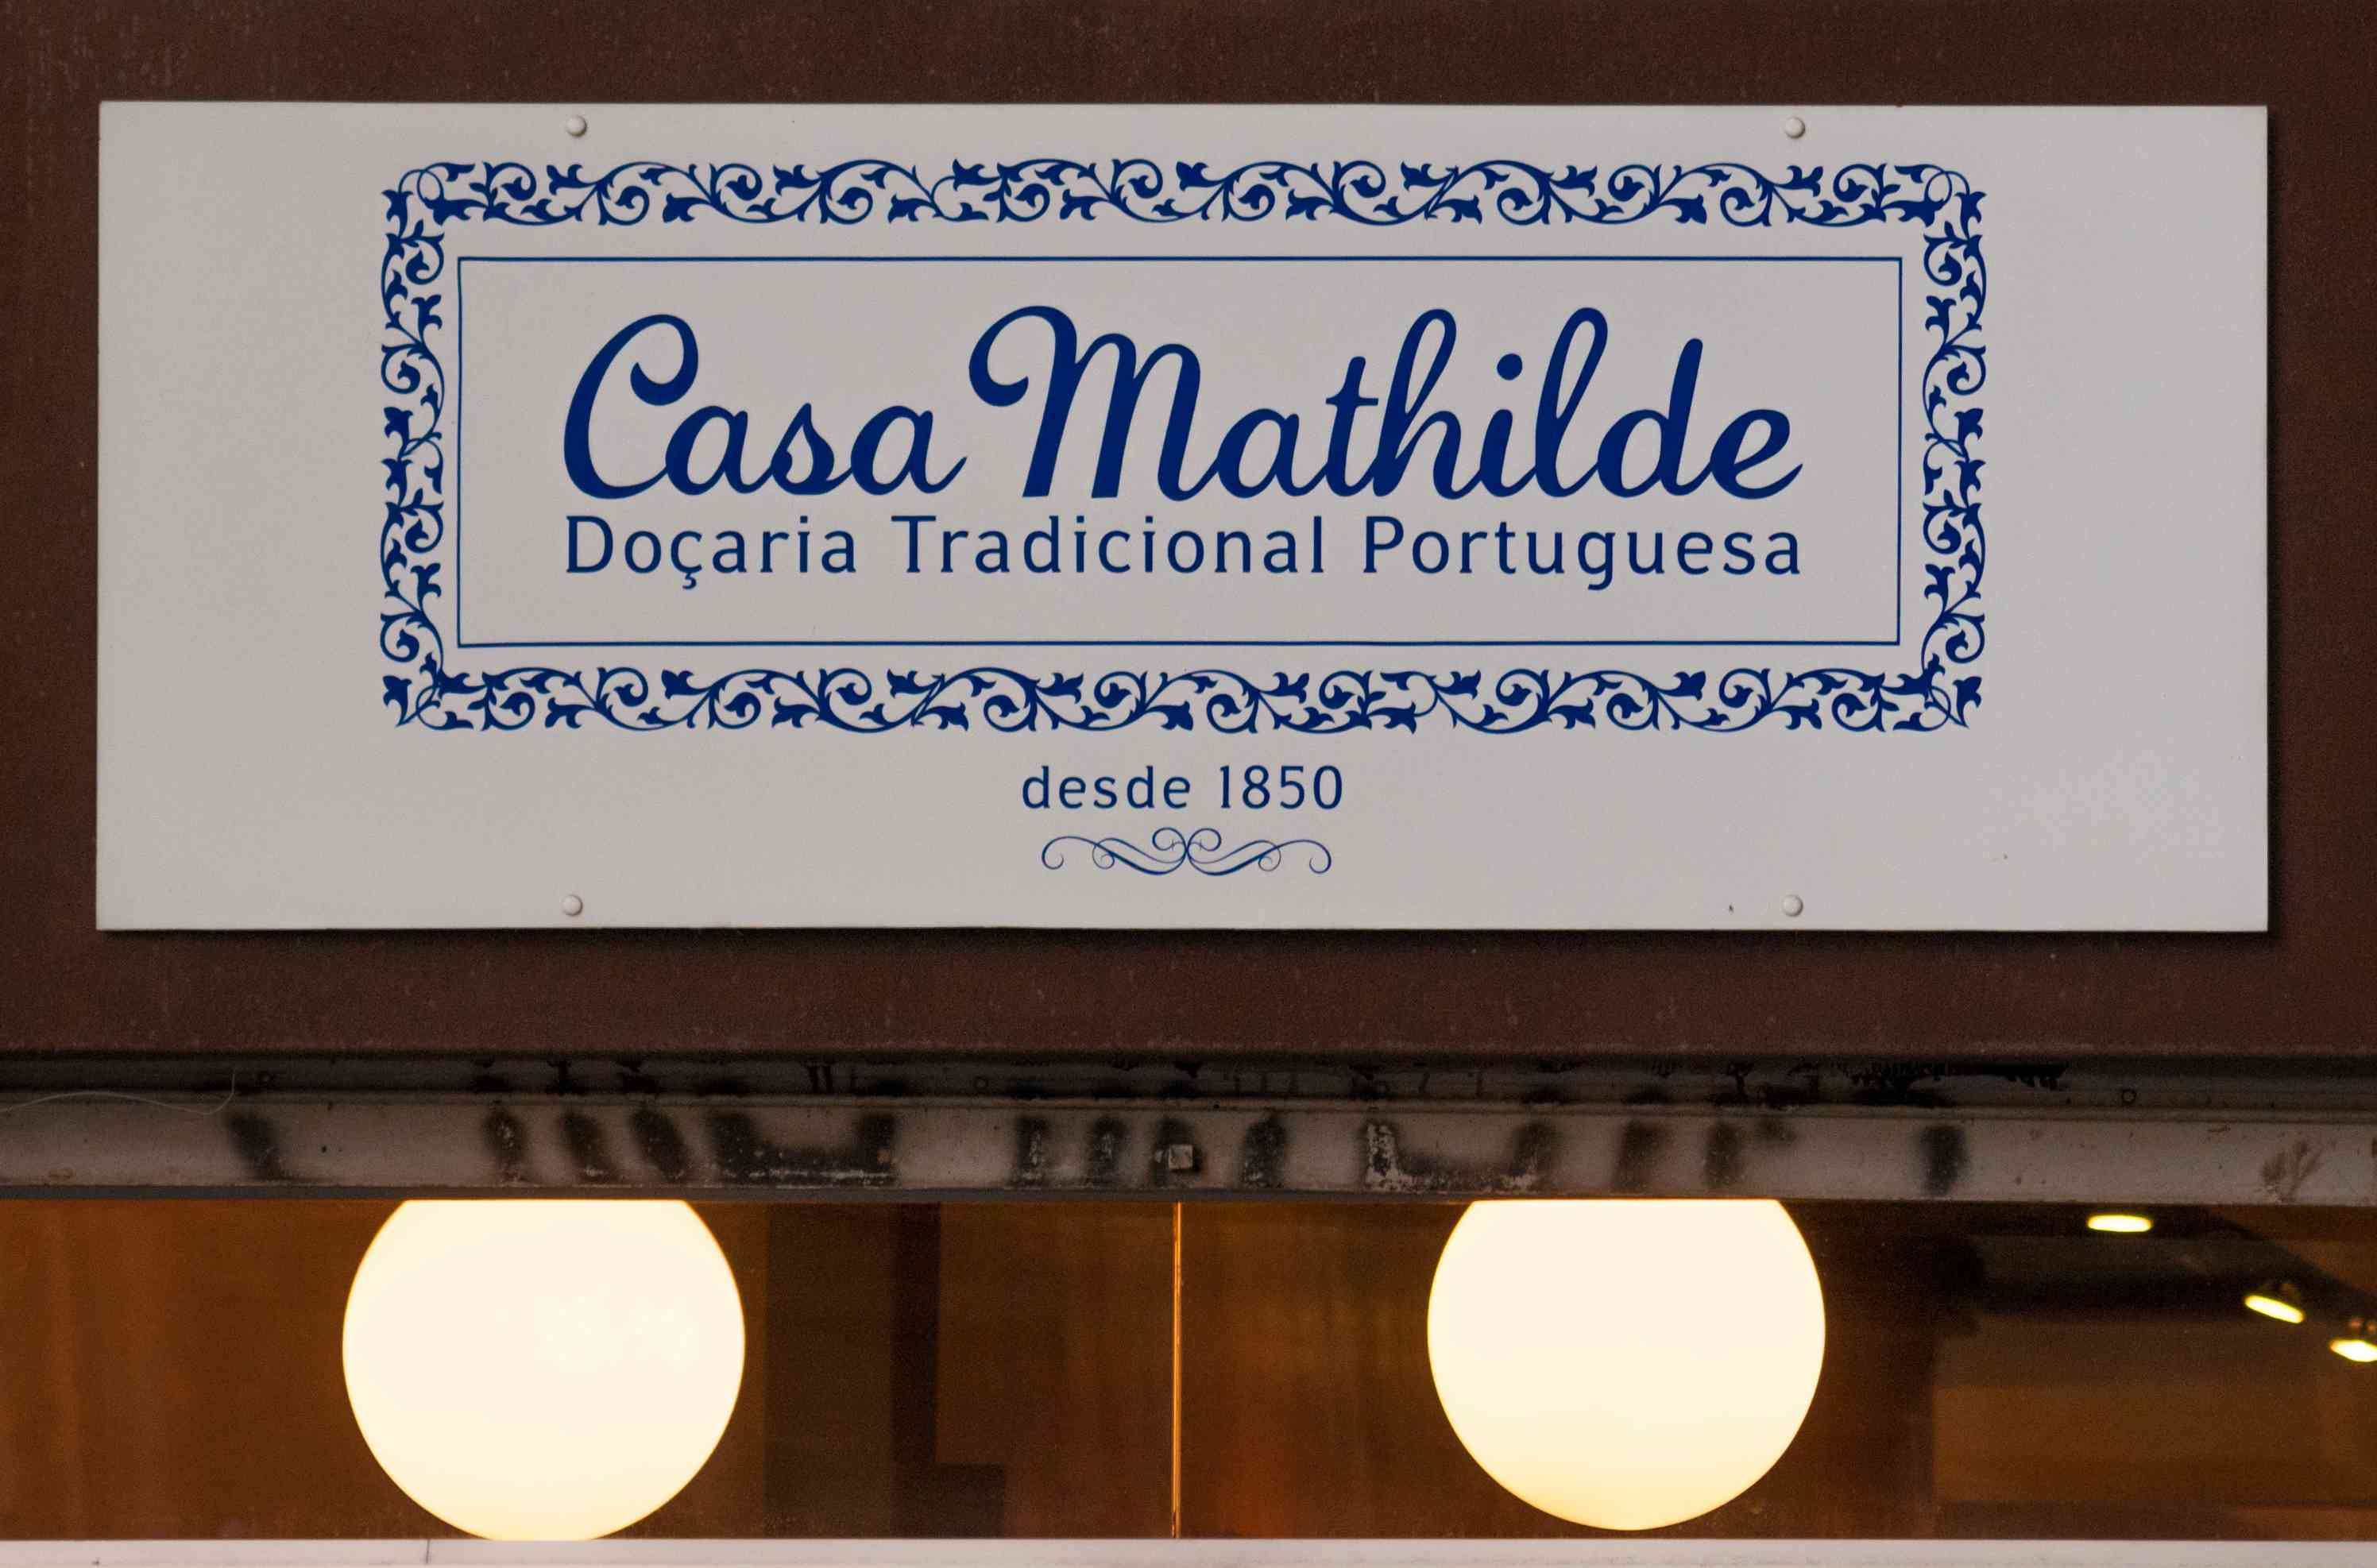 Casa Mathilde sign